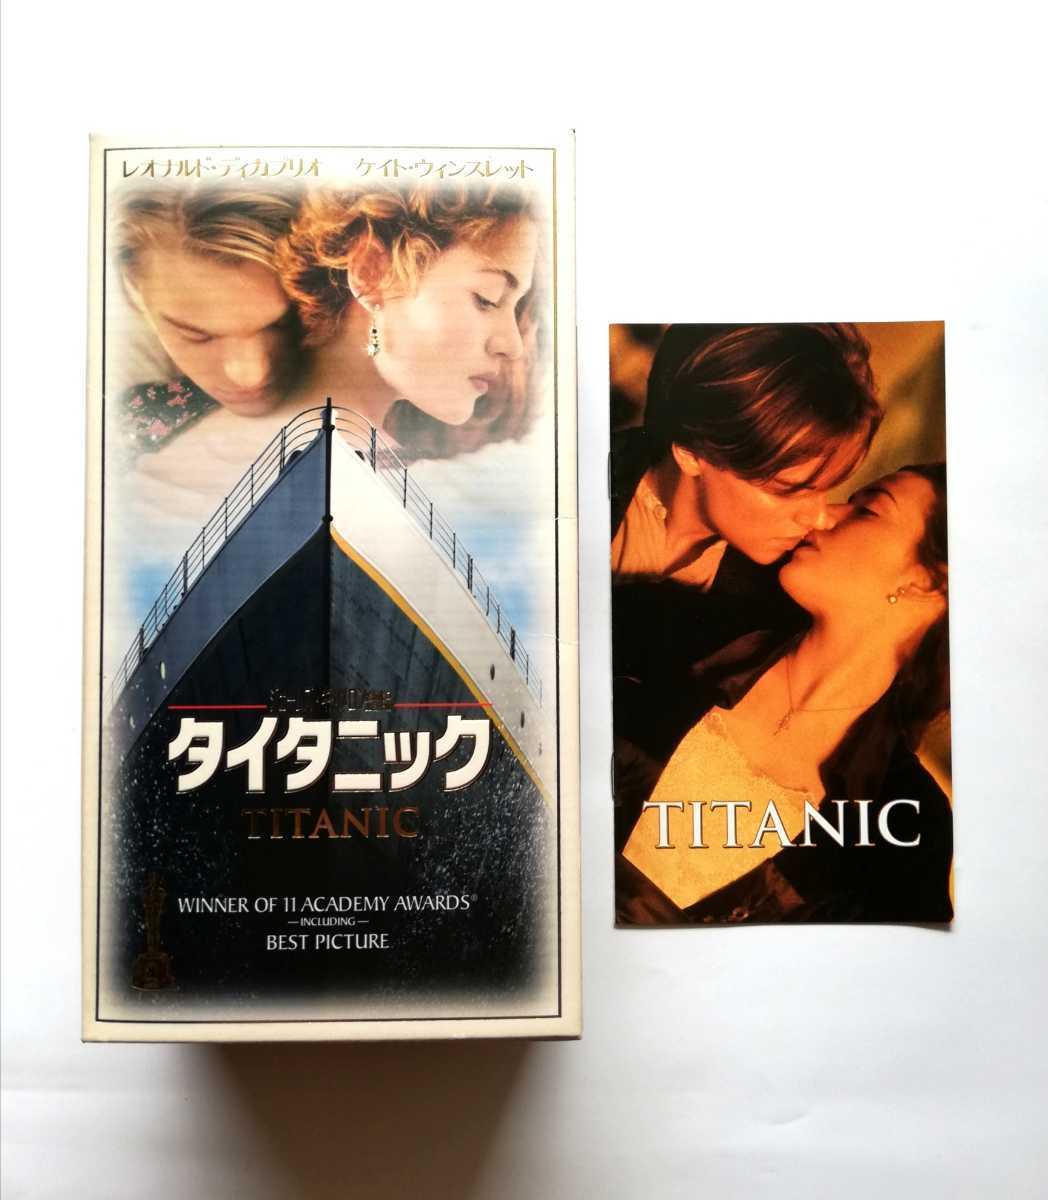 VHS ビデオテープ タイタニック TITANIC 字幕  ジェームズ・キャメロン監督 レオナルド・ディカプリオ ケイト・ウィンスレット _画像5